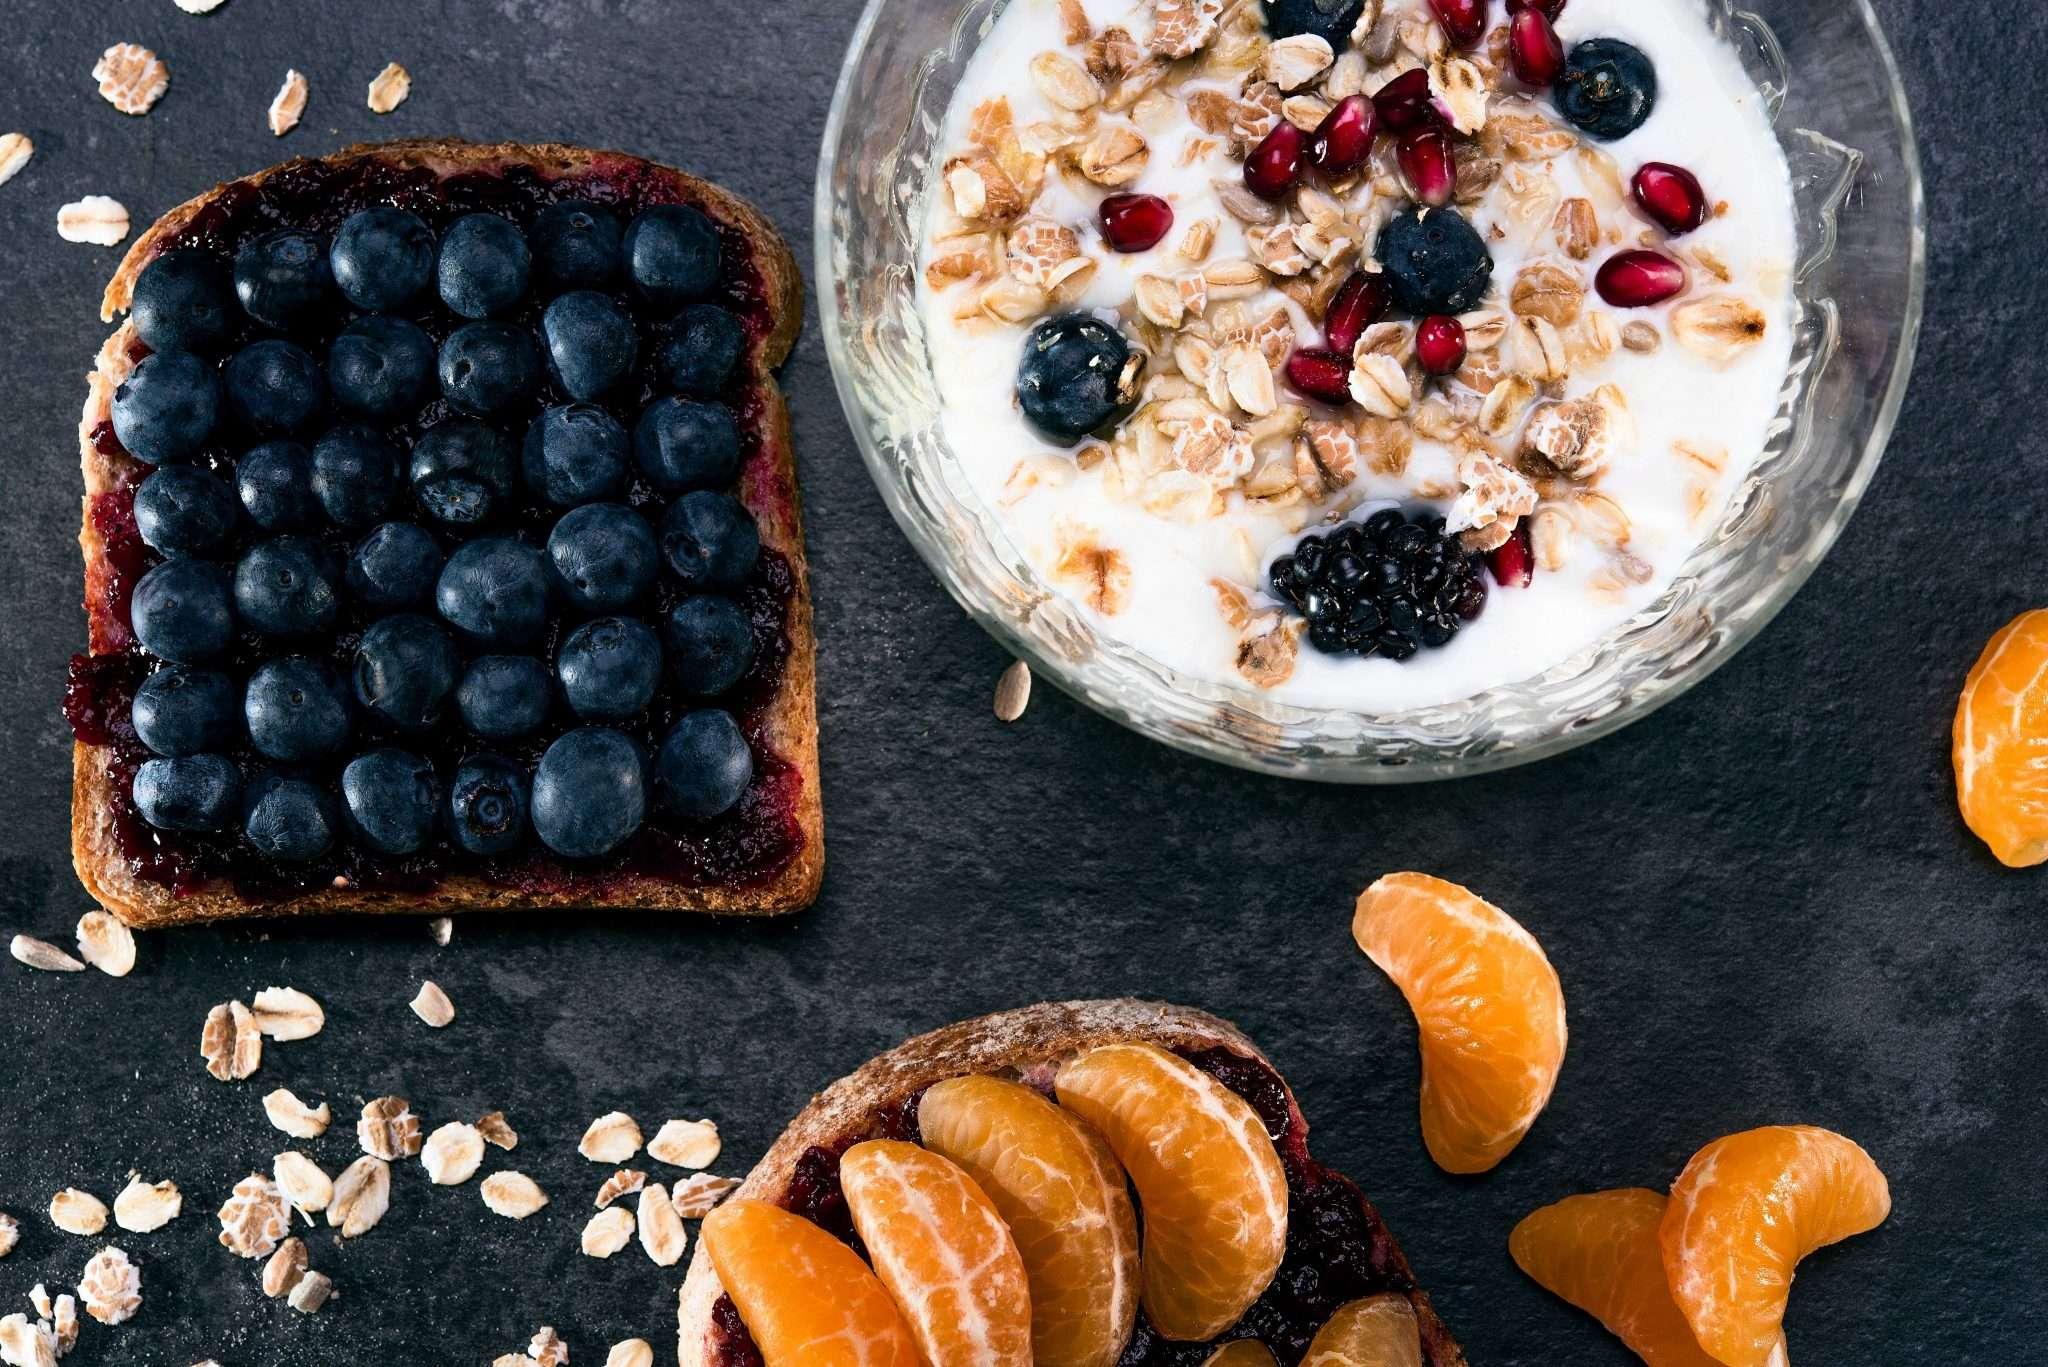 Fotografia still life food cereals realizzata da Barbara Trincone Fotografo pubblicitario freelance con studio privato a Pozzuoli Napoli, specializzato in Still life, Food, Beverage, Drink